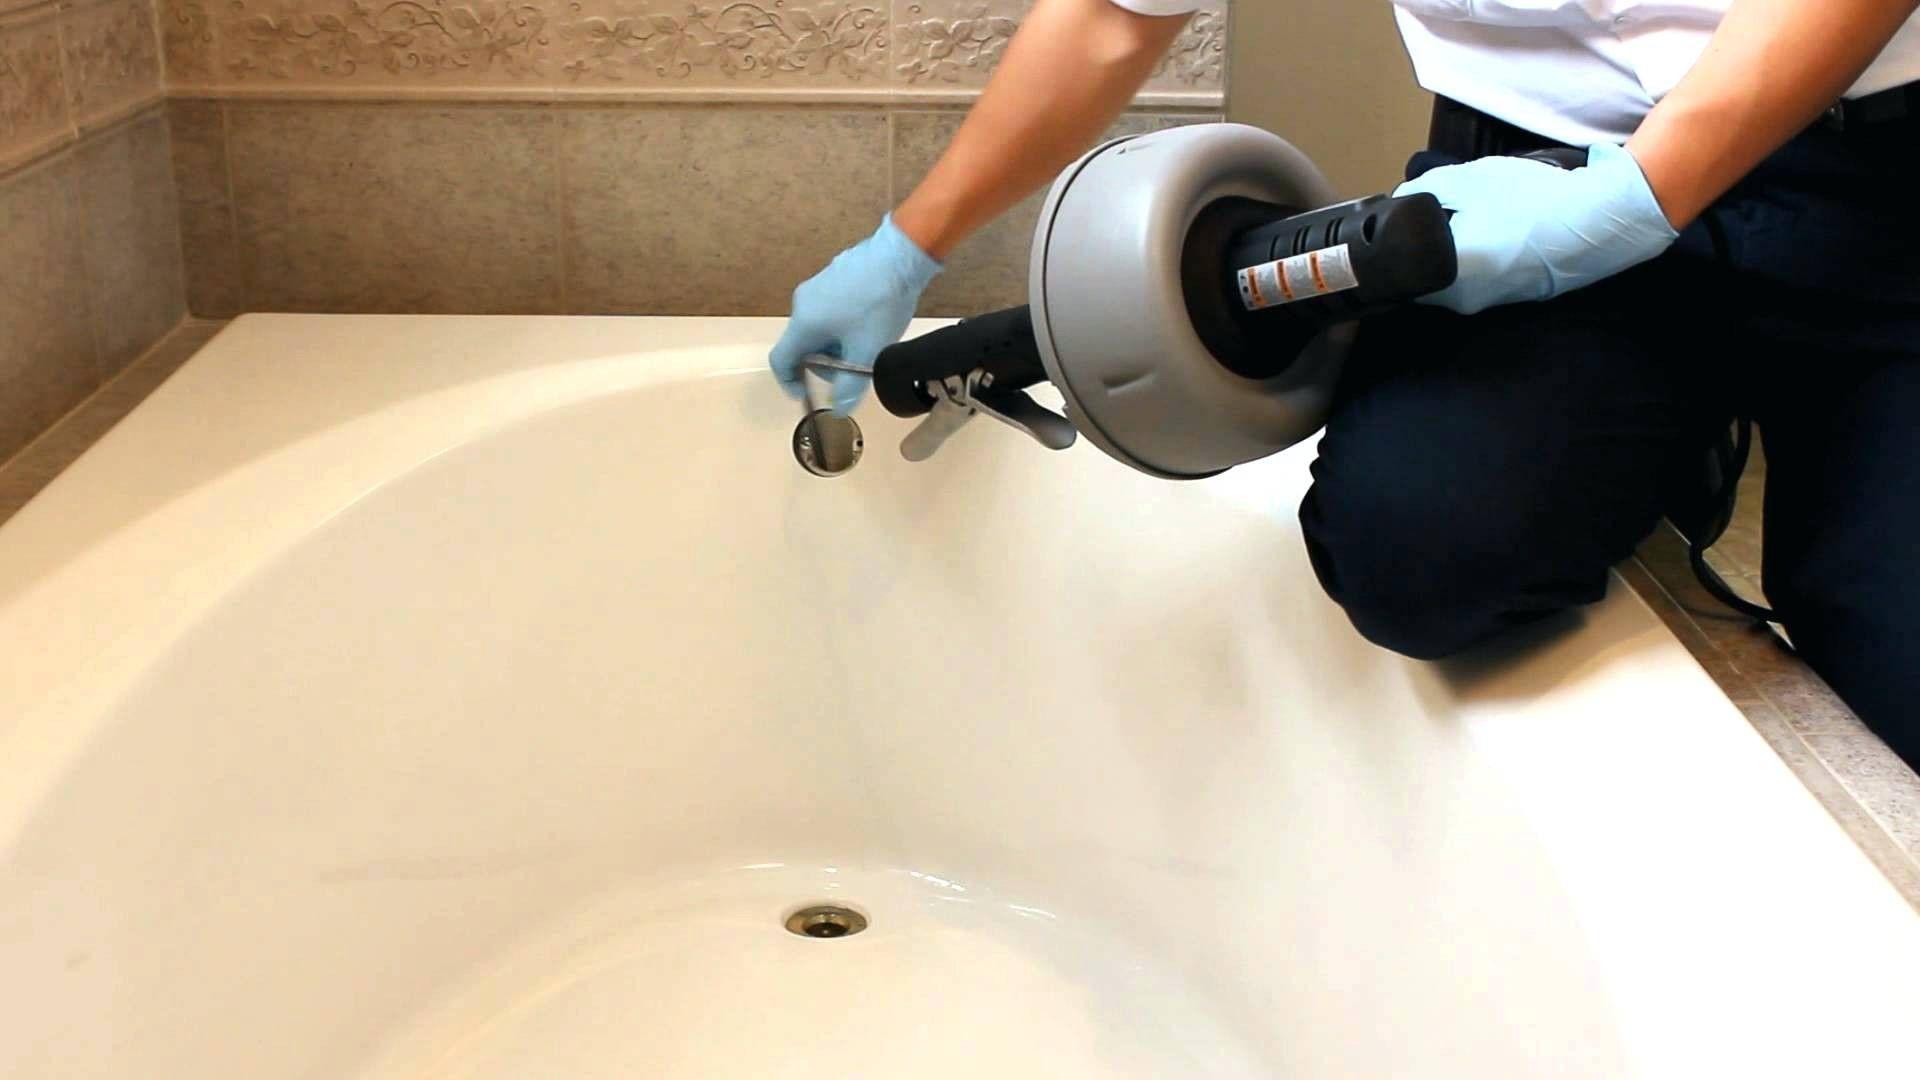 Bathtub drain clogged standing water bathroom sink clog